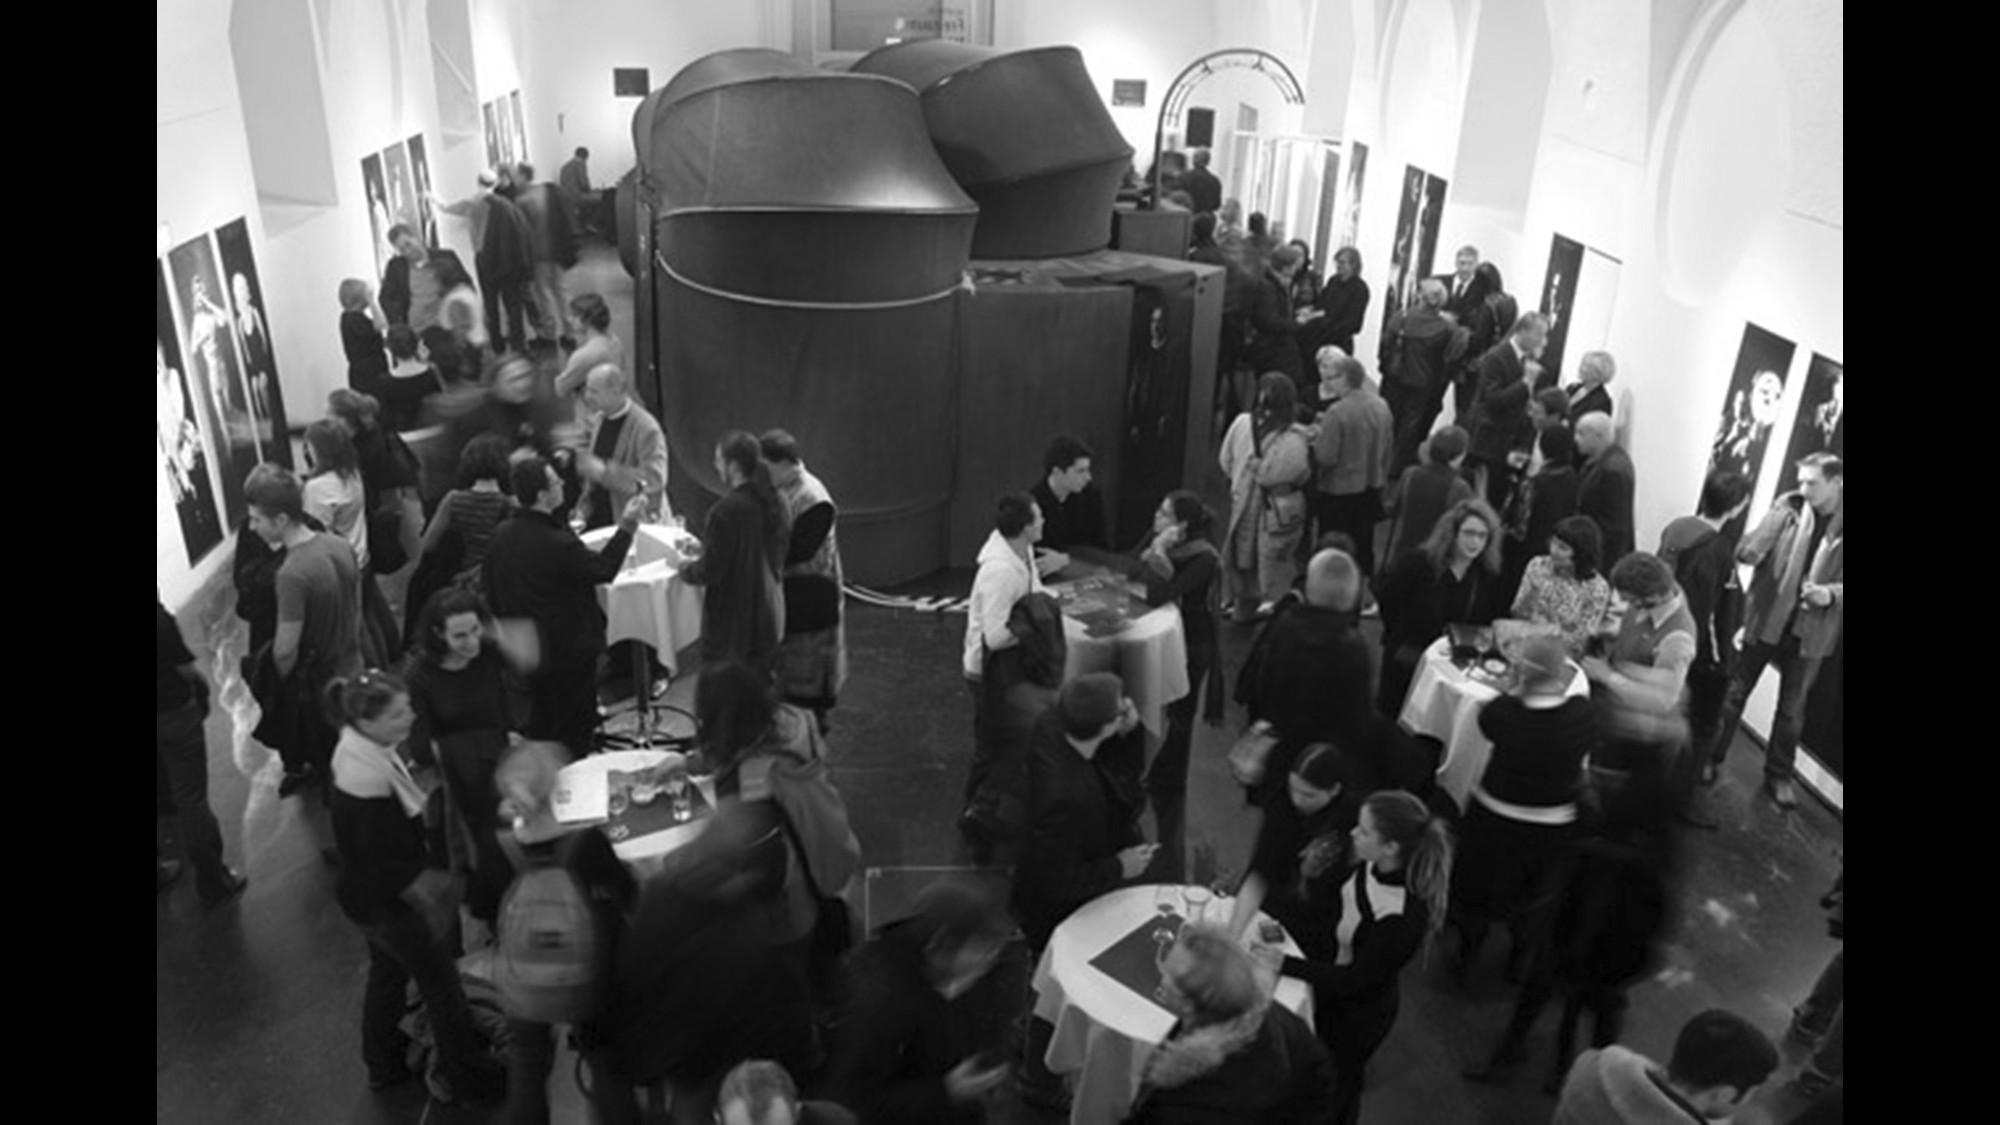 Eröffnung Monat der Fotografie, Wien 2006